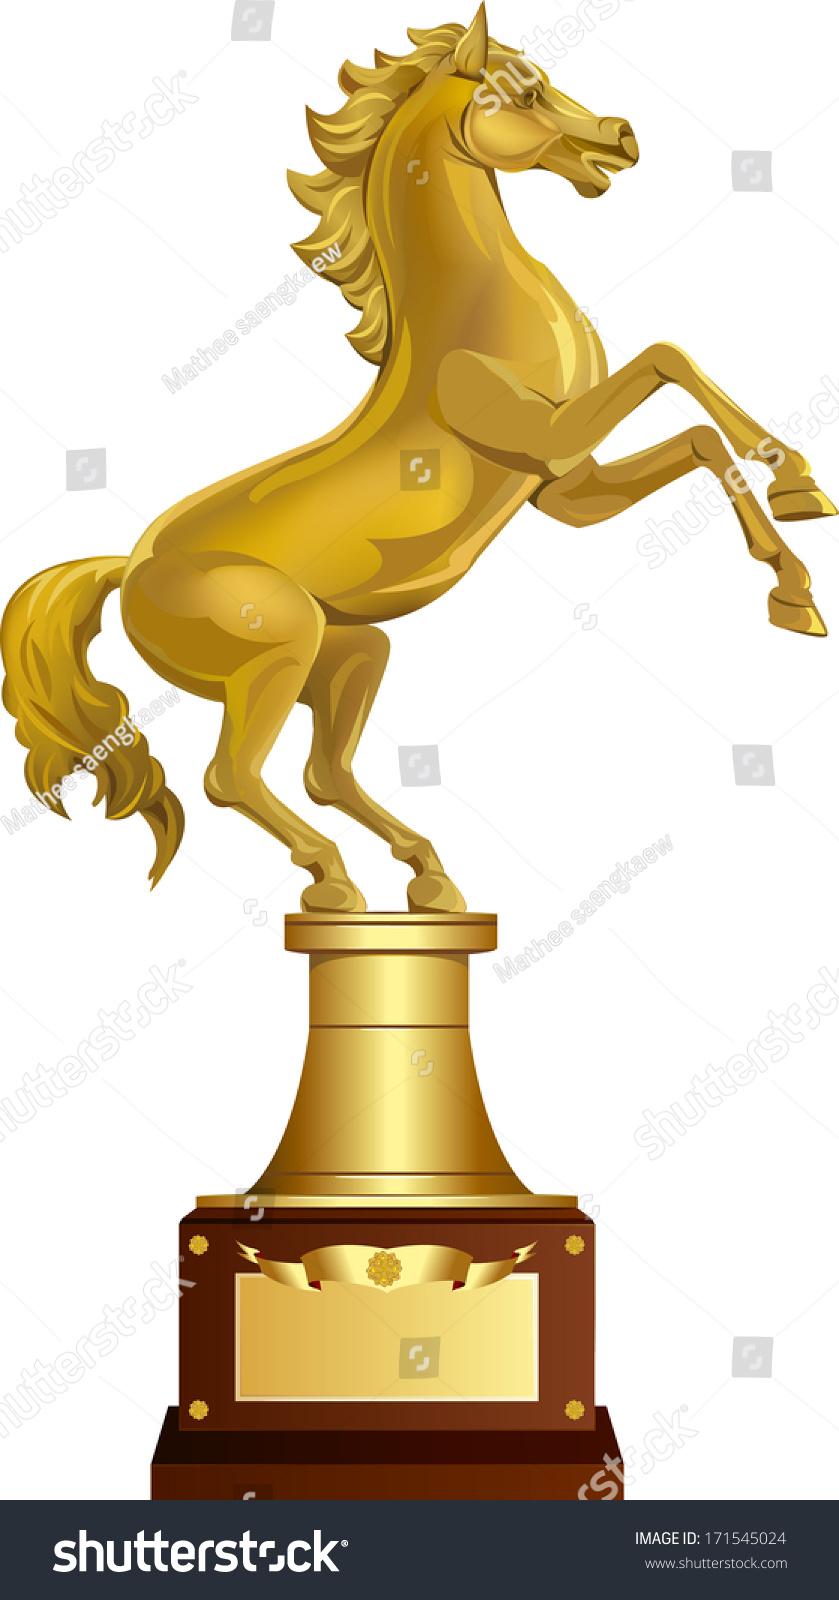 Golden Horse Award Stock Vector Royalty Free 171545024